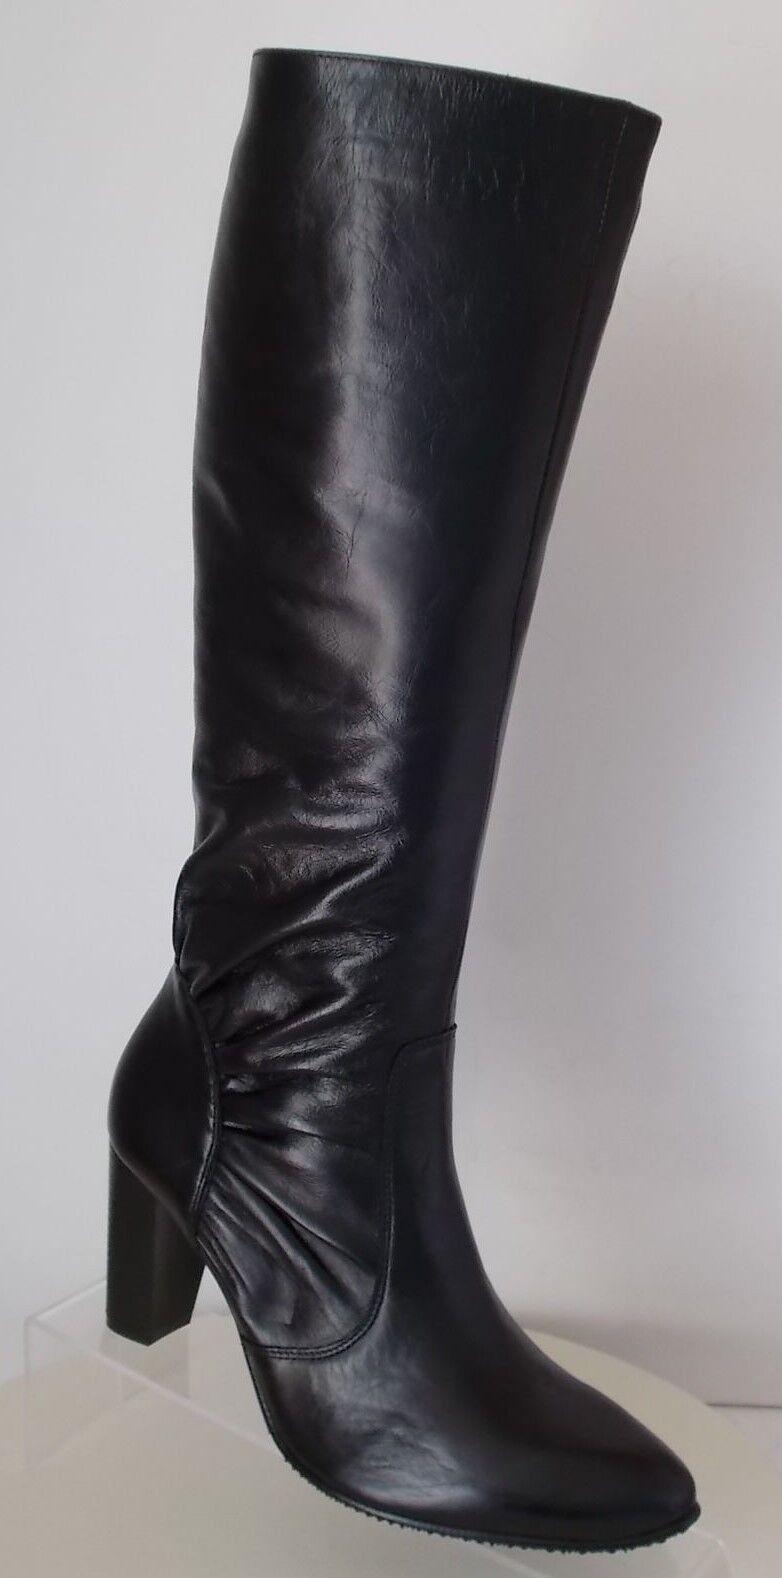 Exklusive Damen Stiefel Stiefel Stiefel  Echtleder f4f0c8